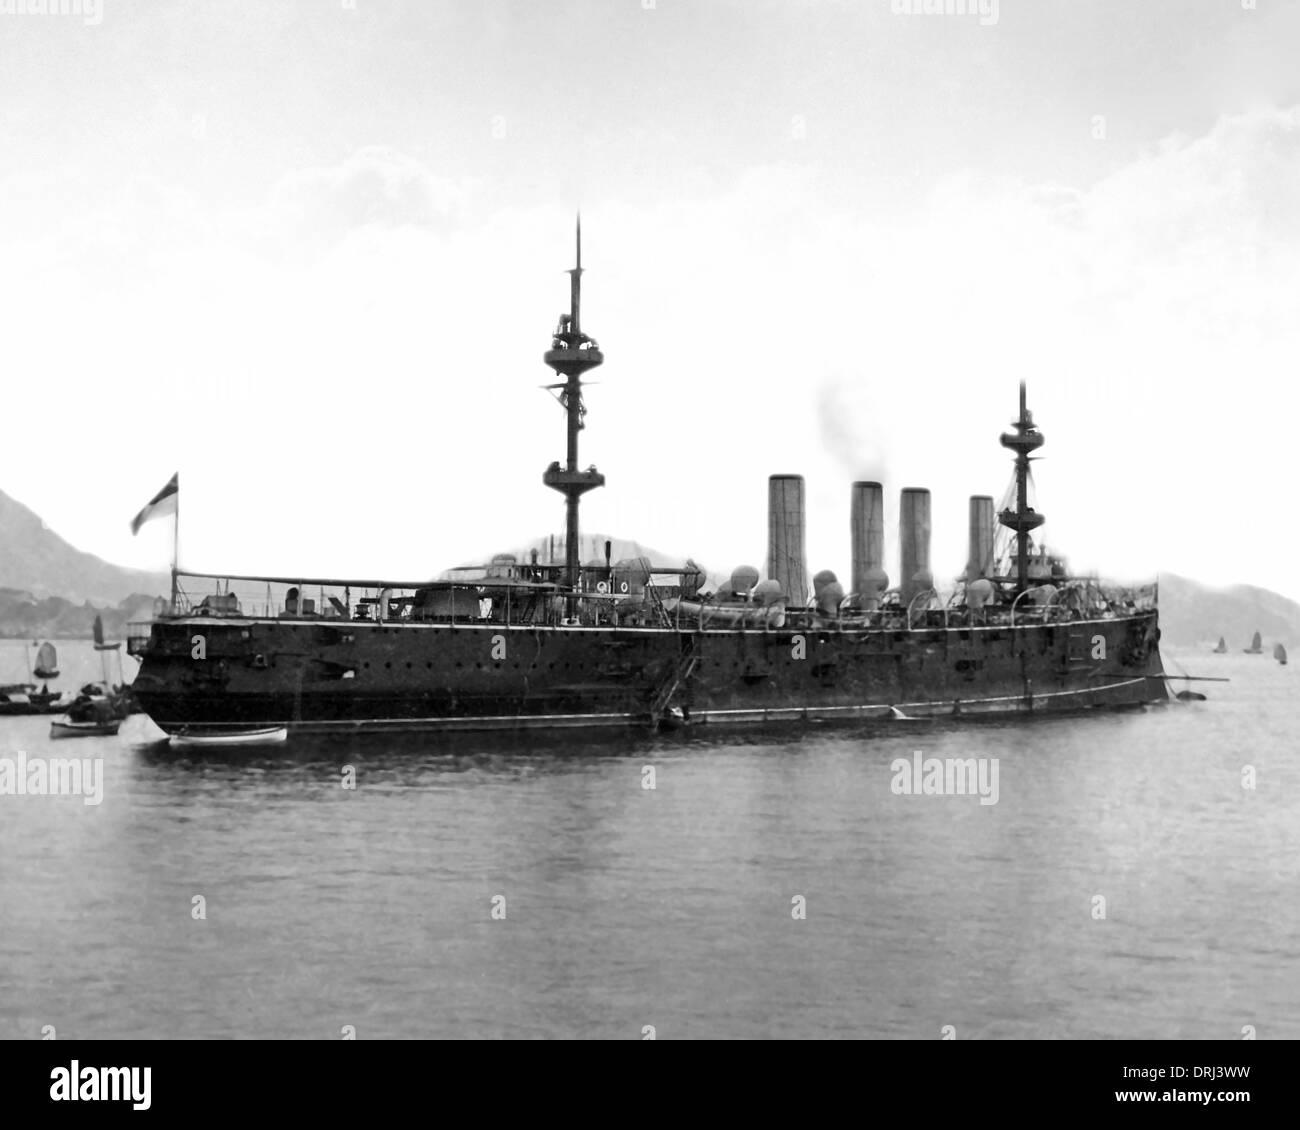 Ship on the water, Hong Kong, China - Stock Image